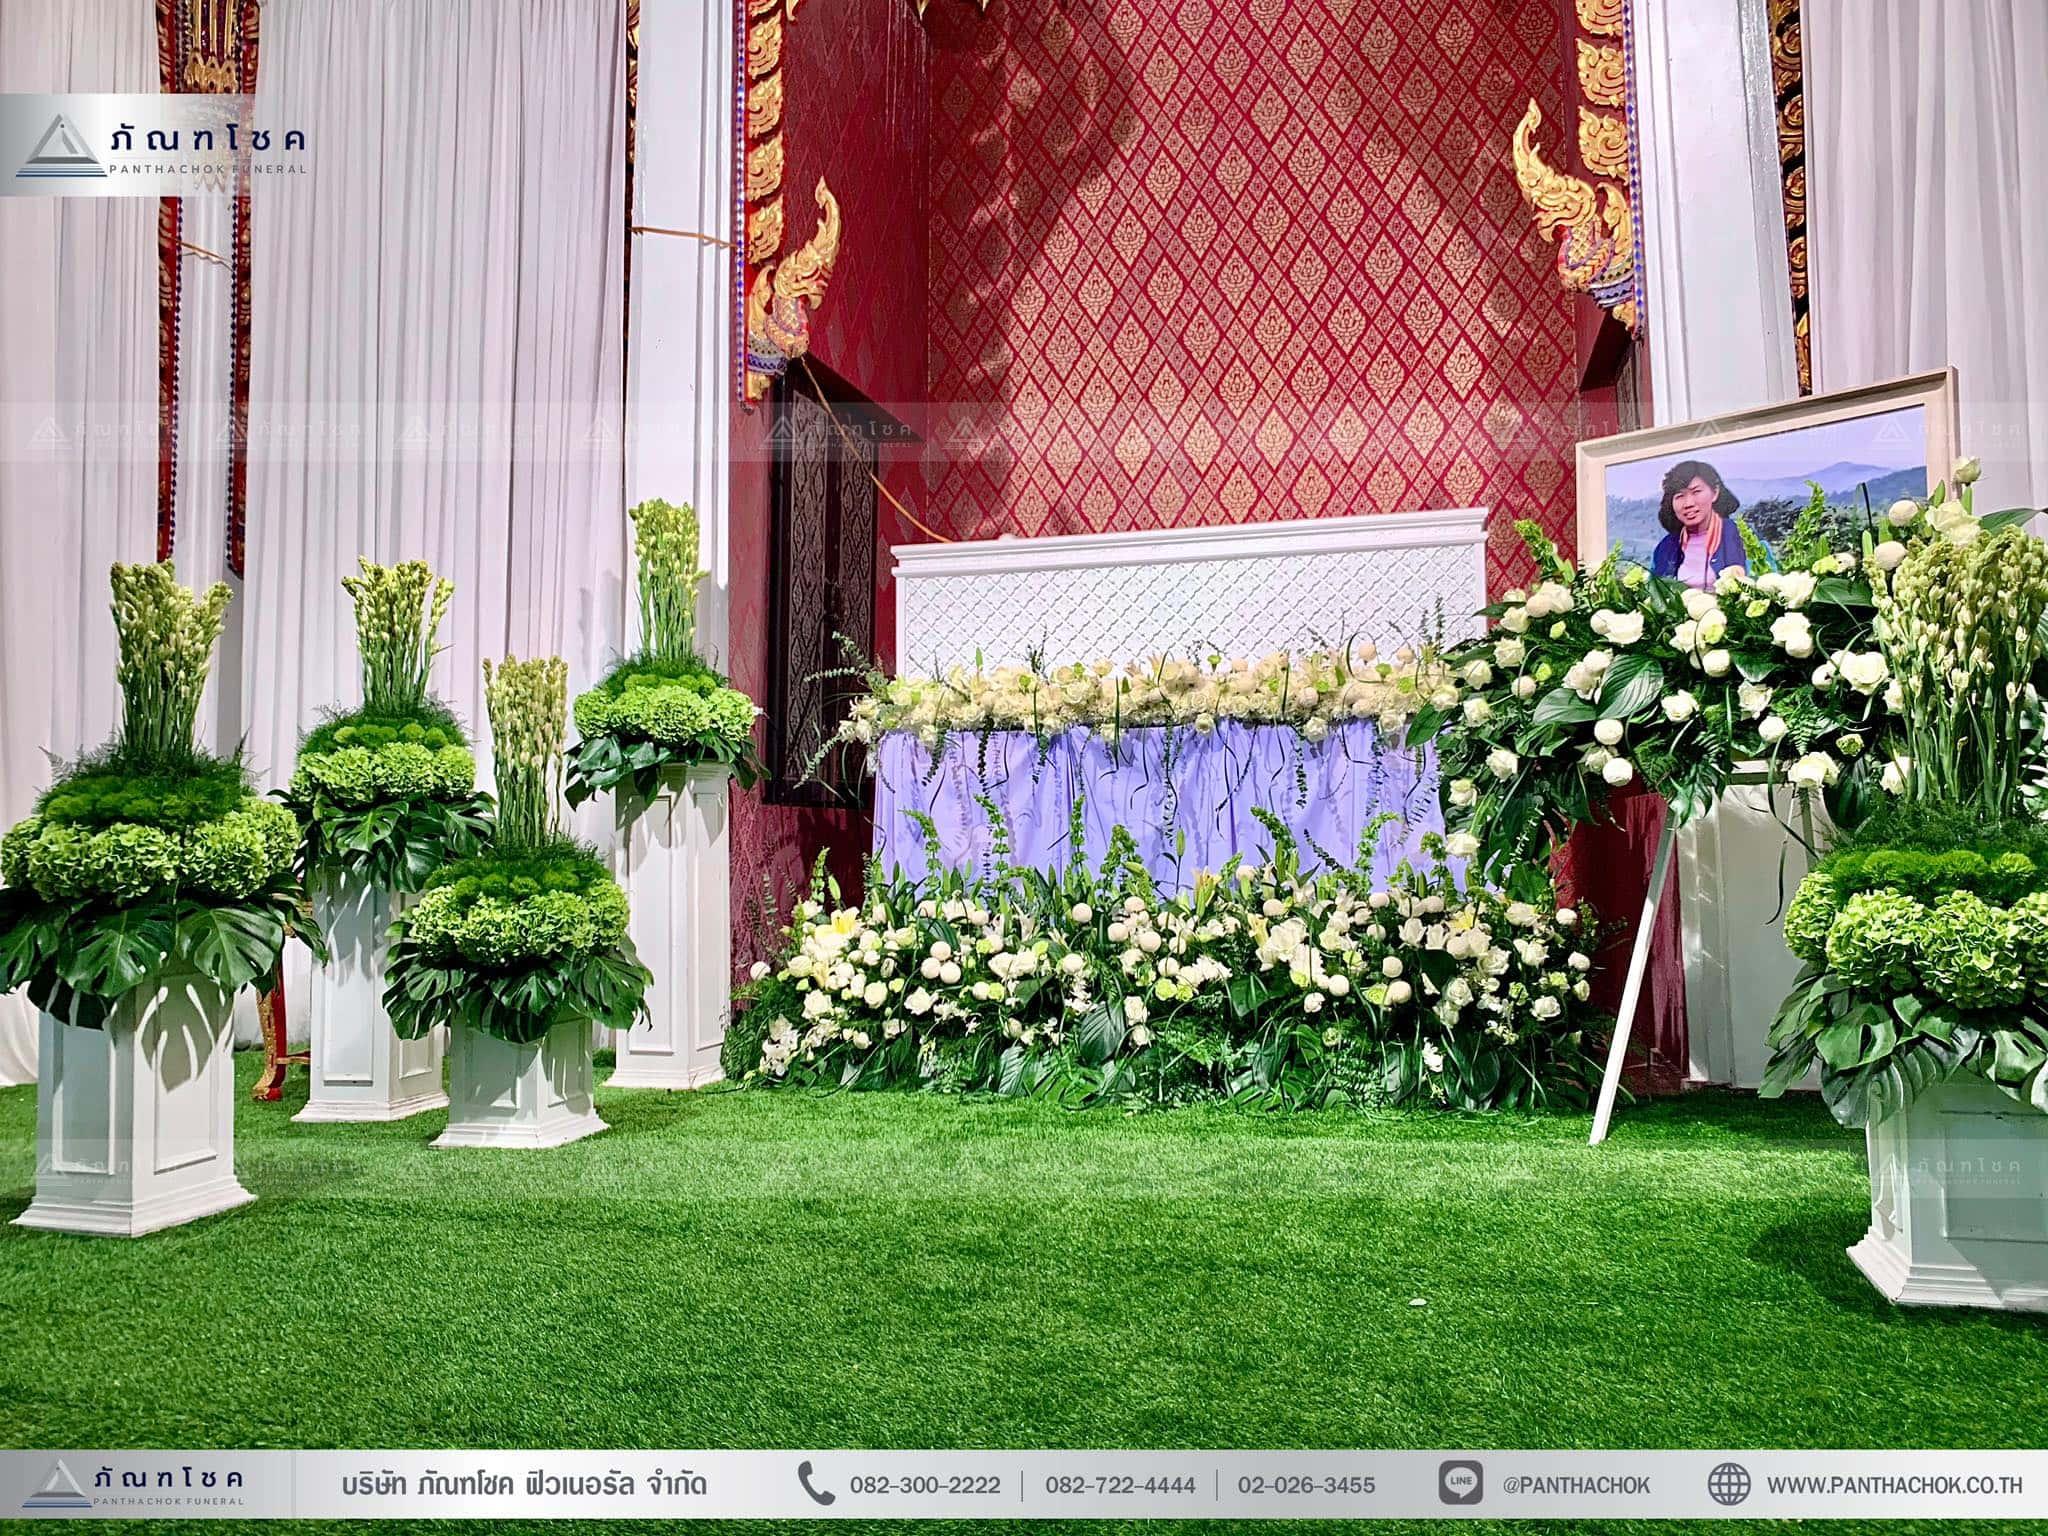 ดอกไม้งานศพในโทนสีขาว-เขียว แนวเรียบหรู รูปแบบแปลกใหม่ 5